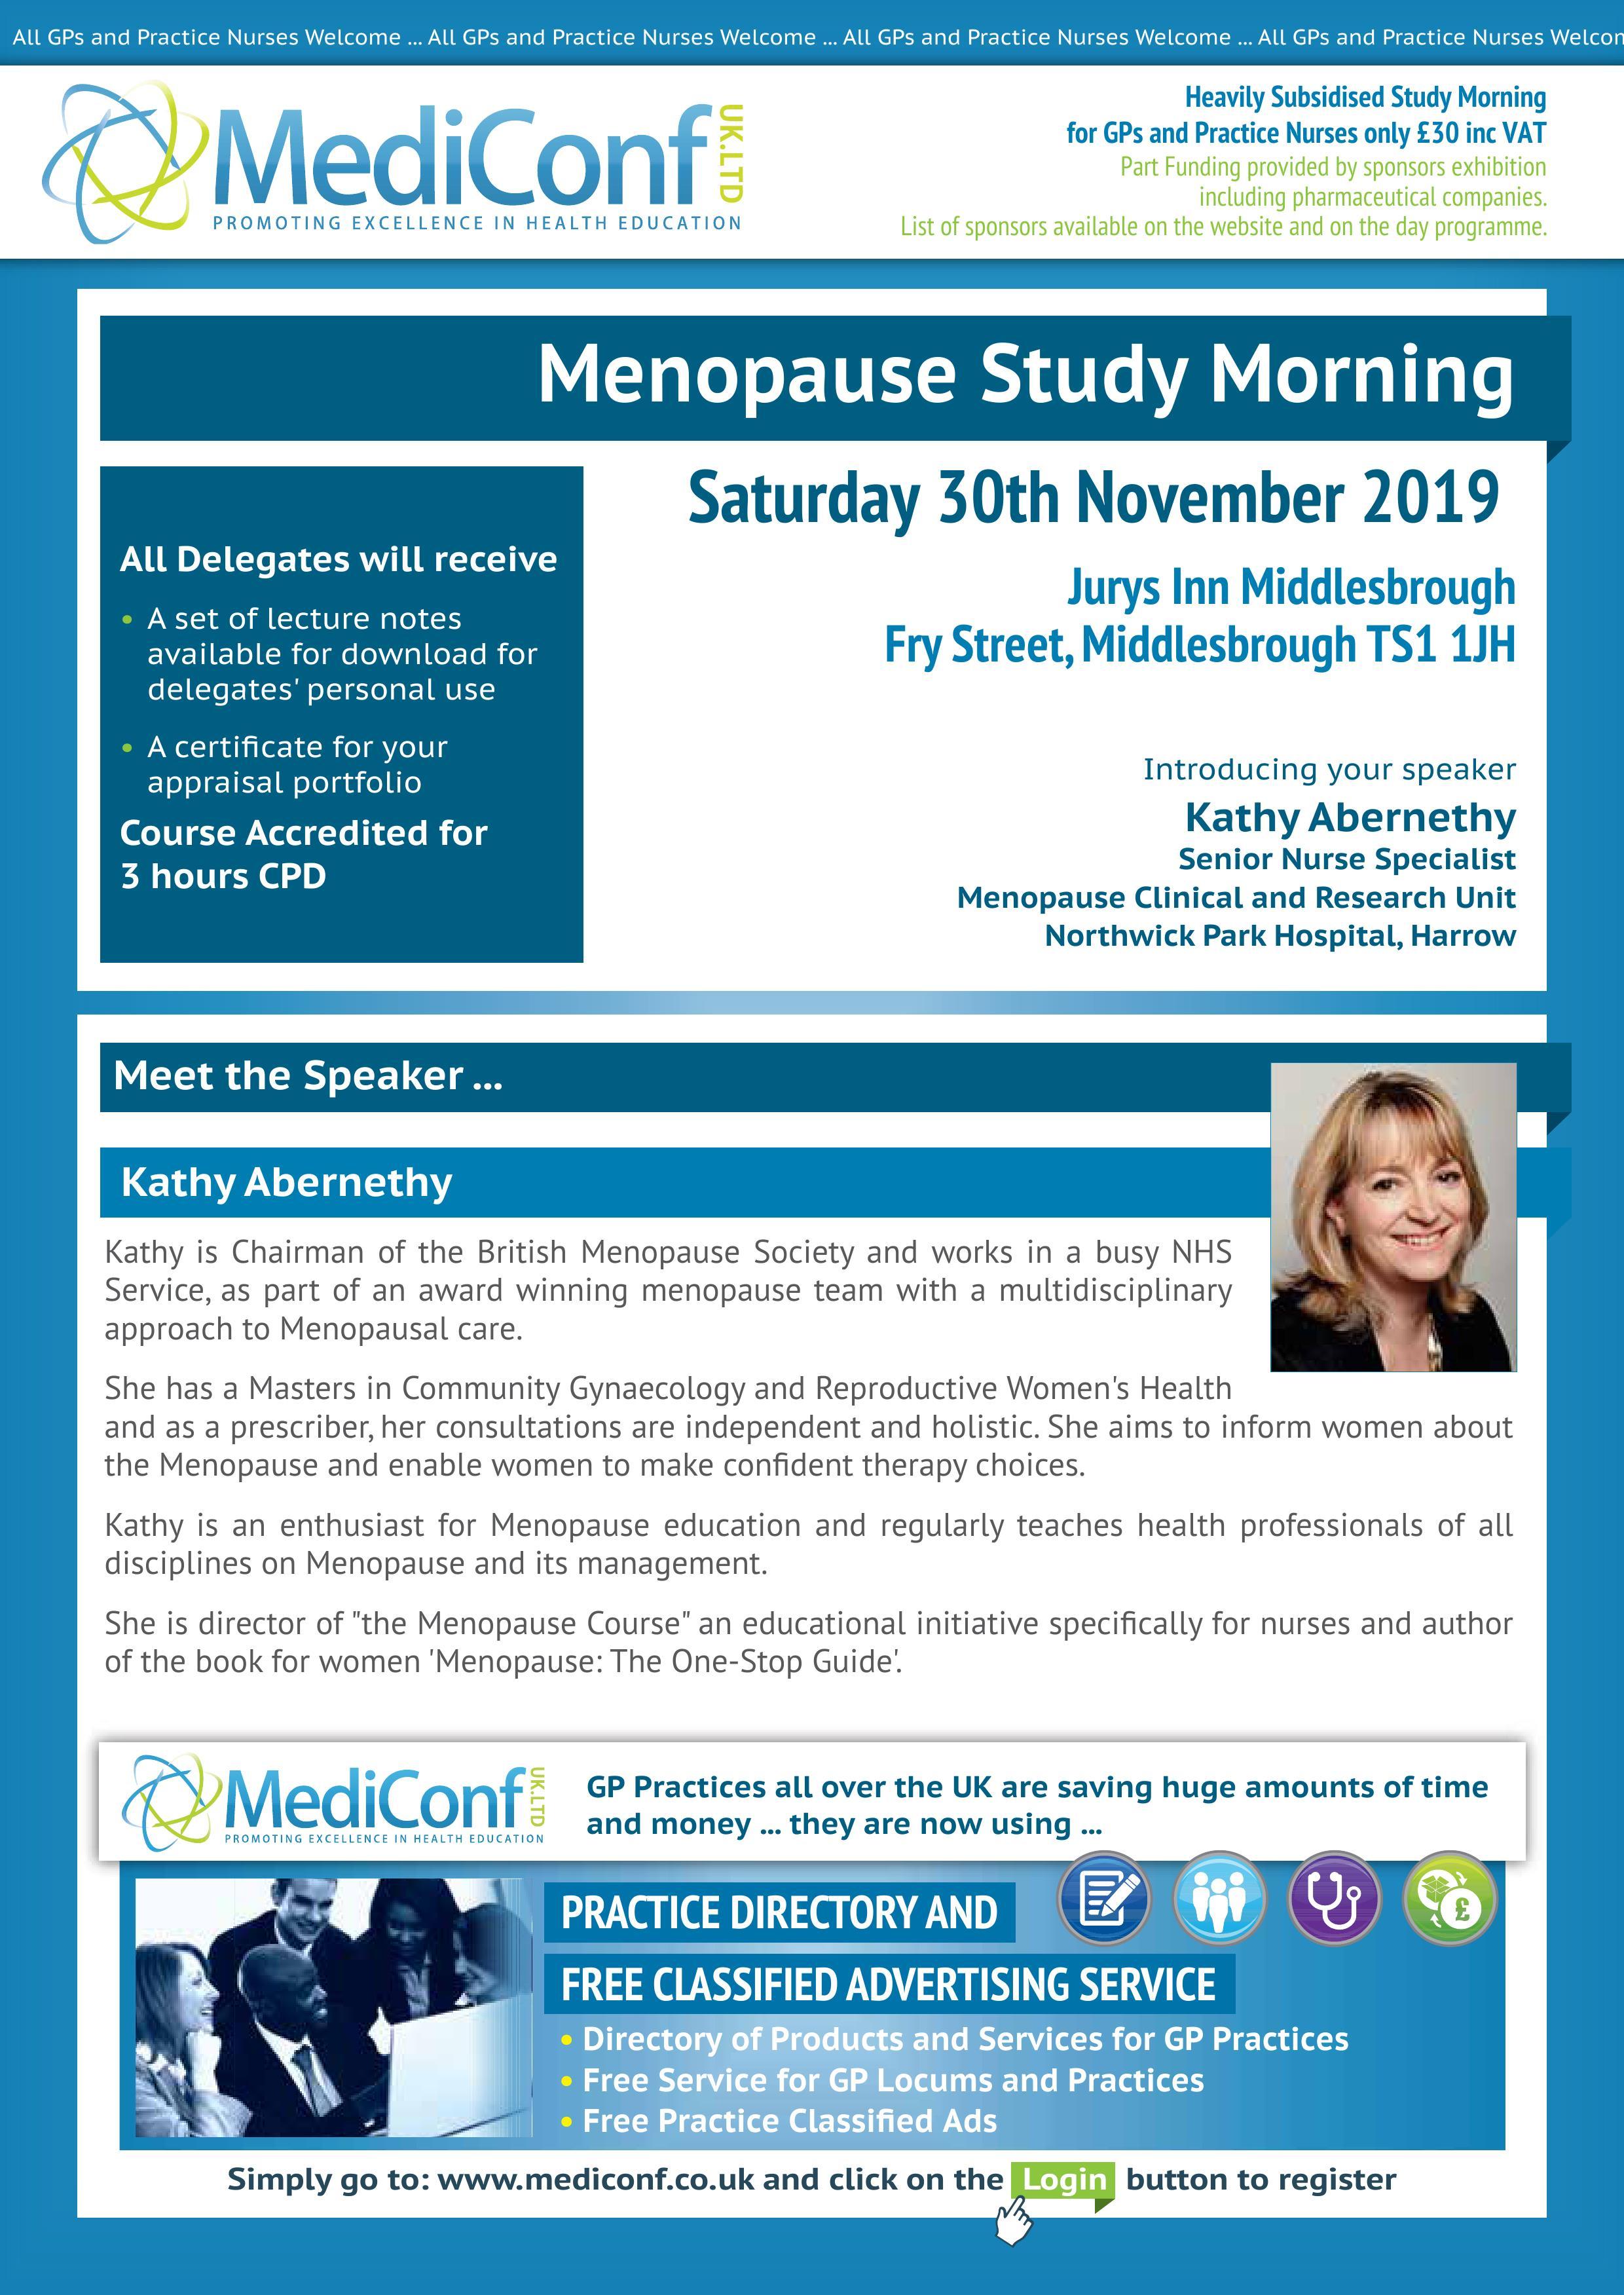 Menopause Study Morning - 30 November 2019 | MediConf